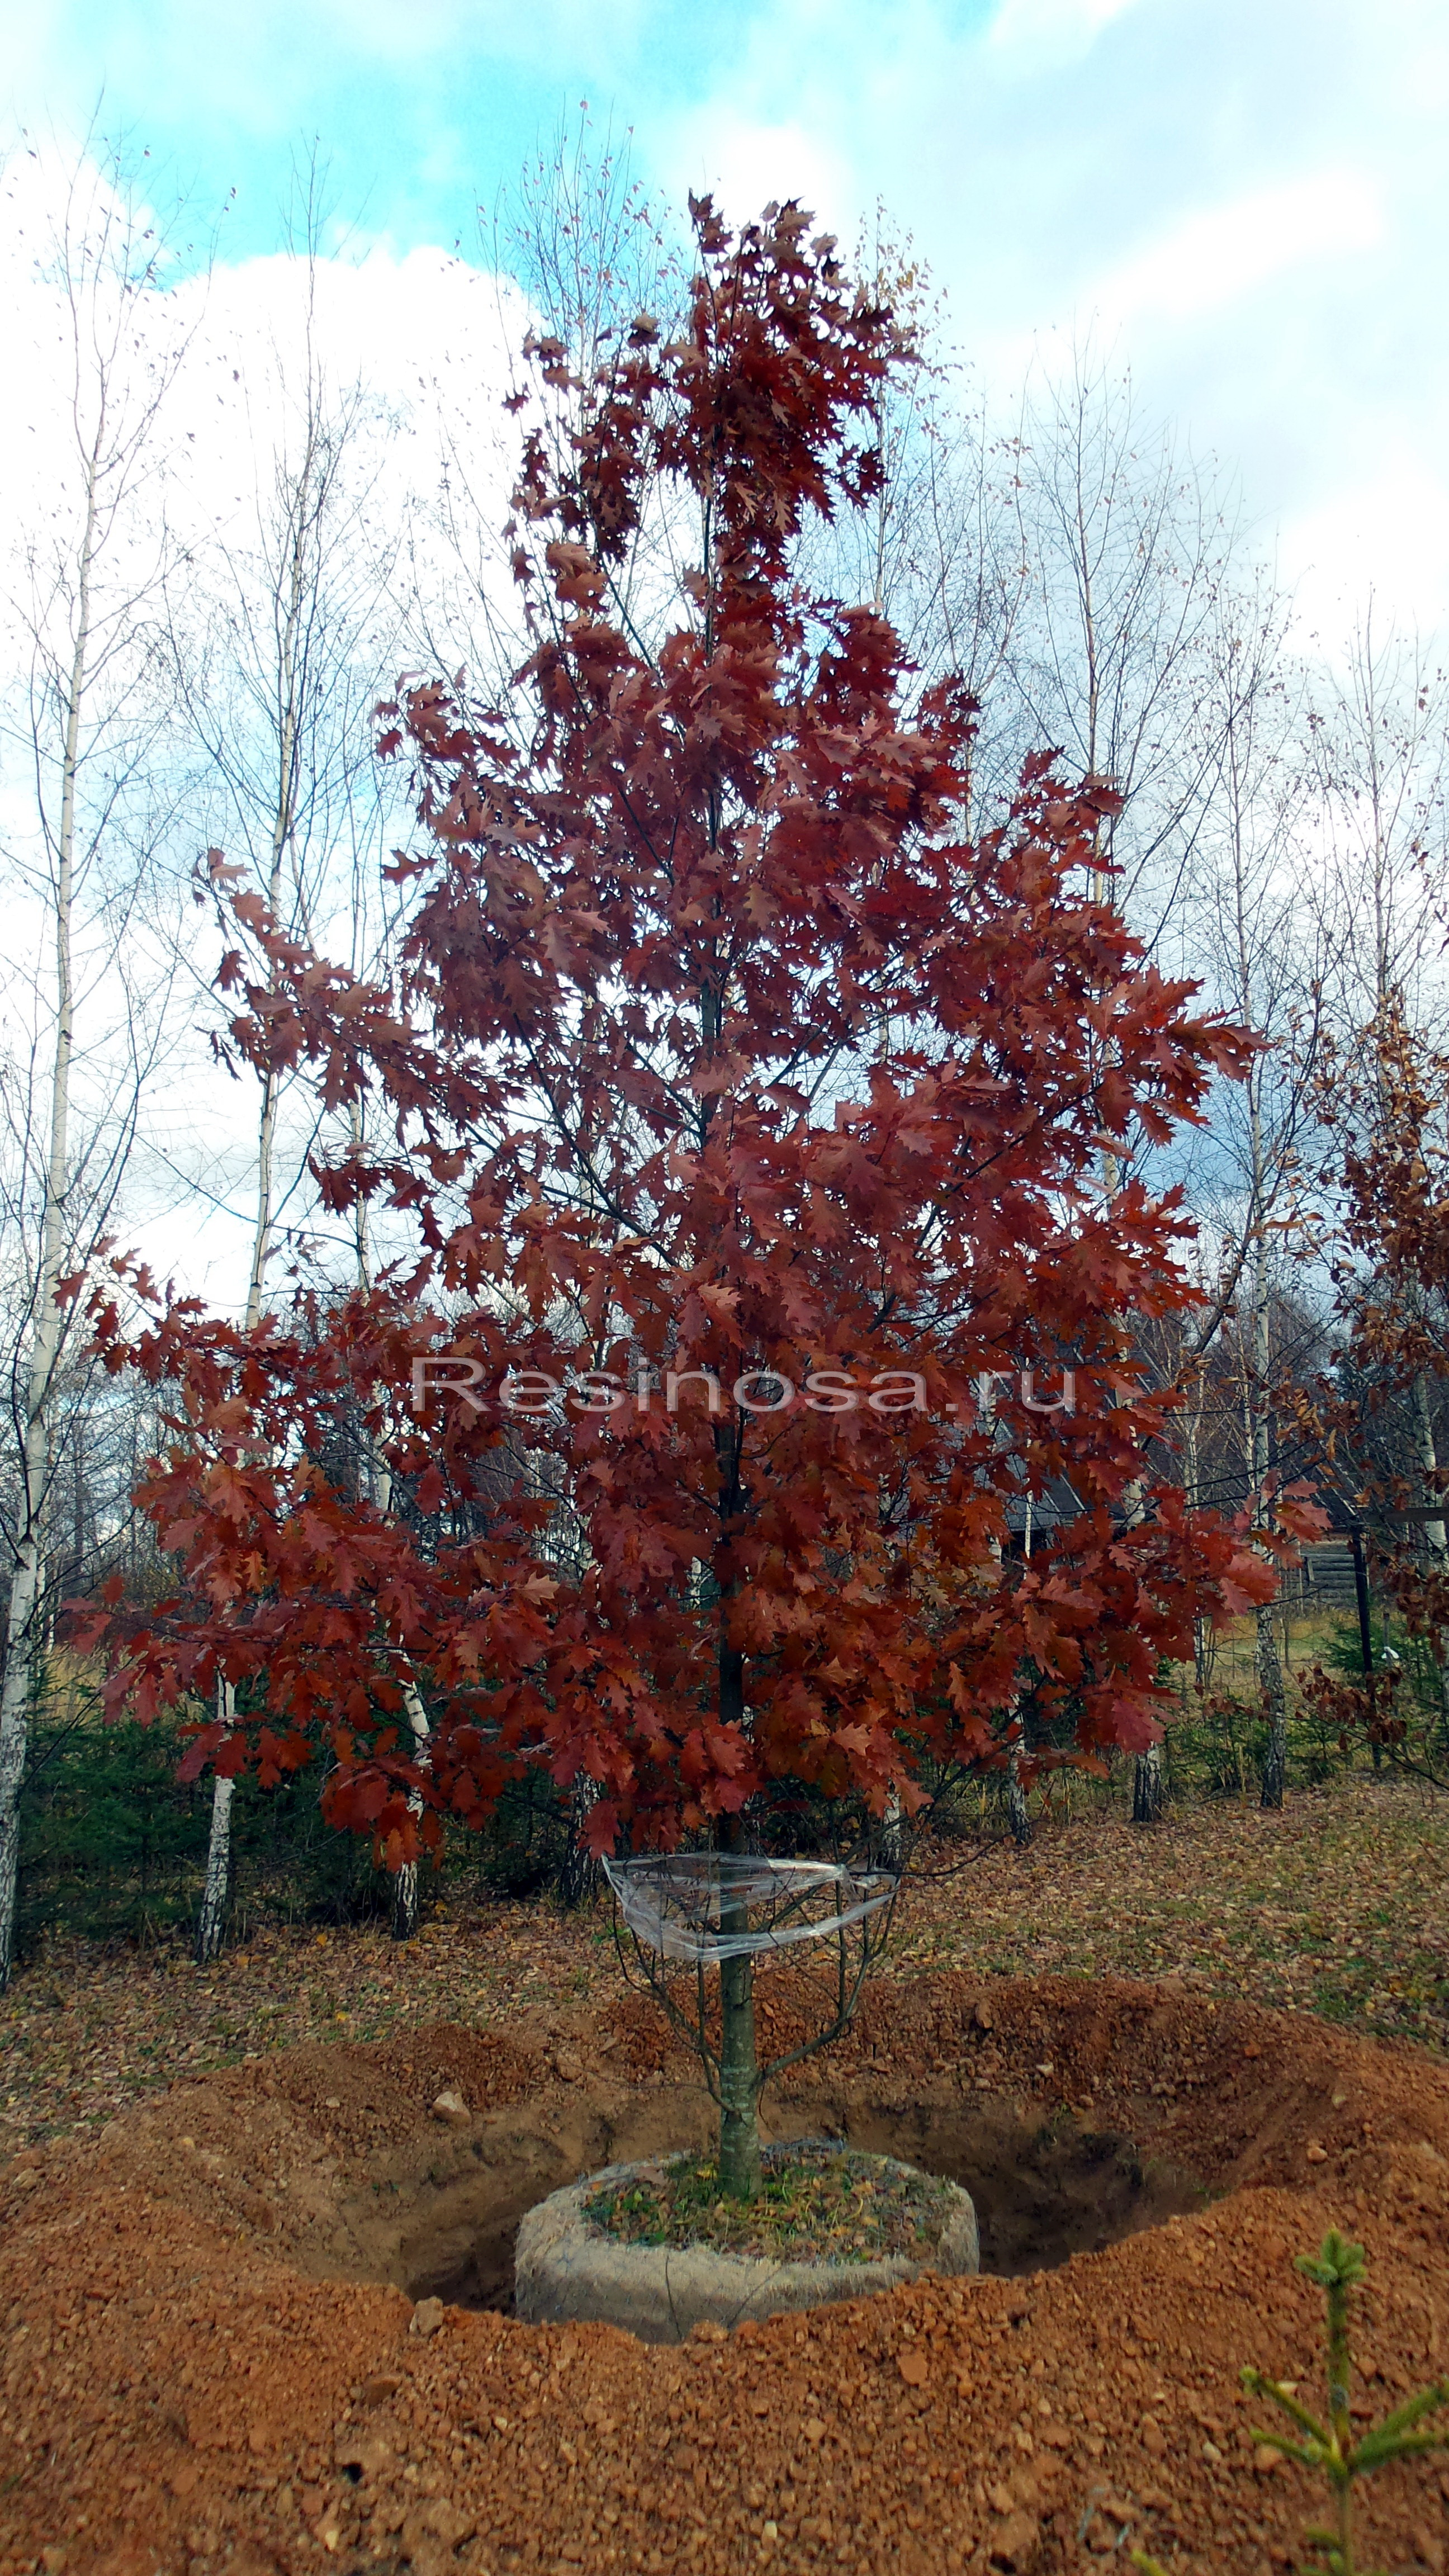 Выкопанный дуб красный.